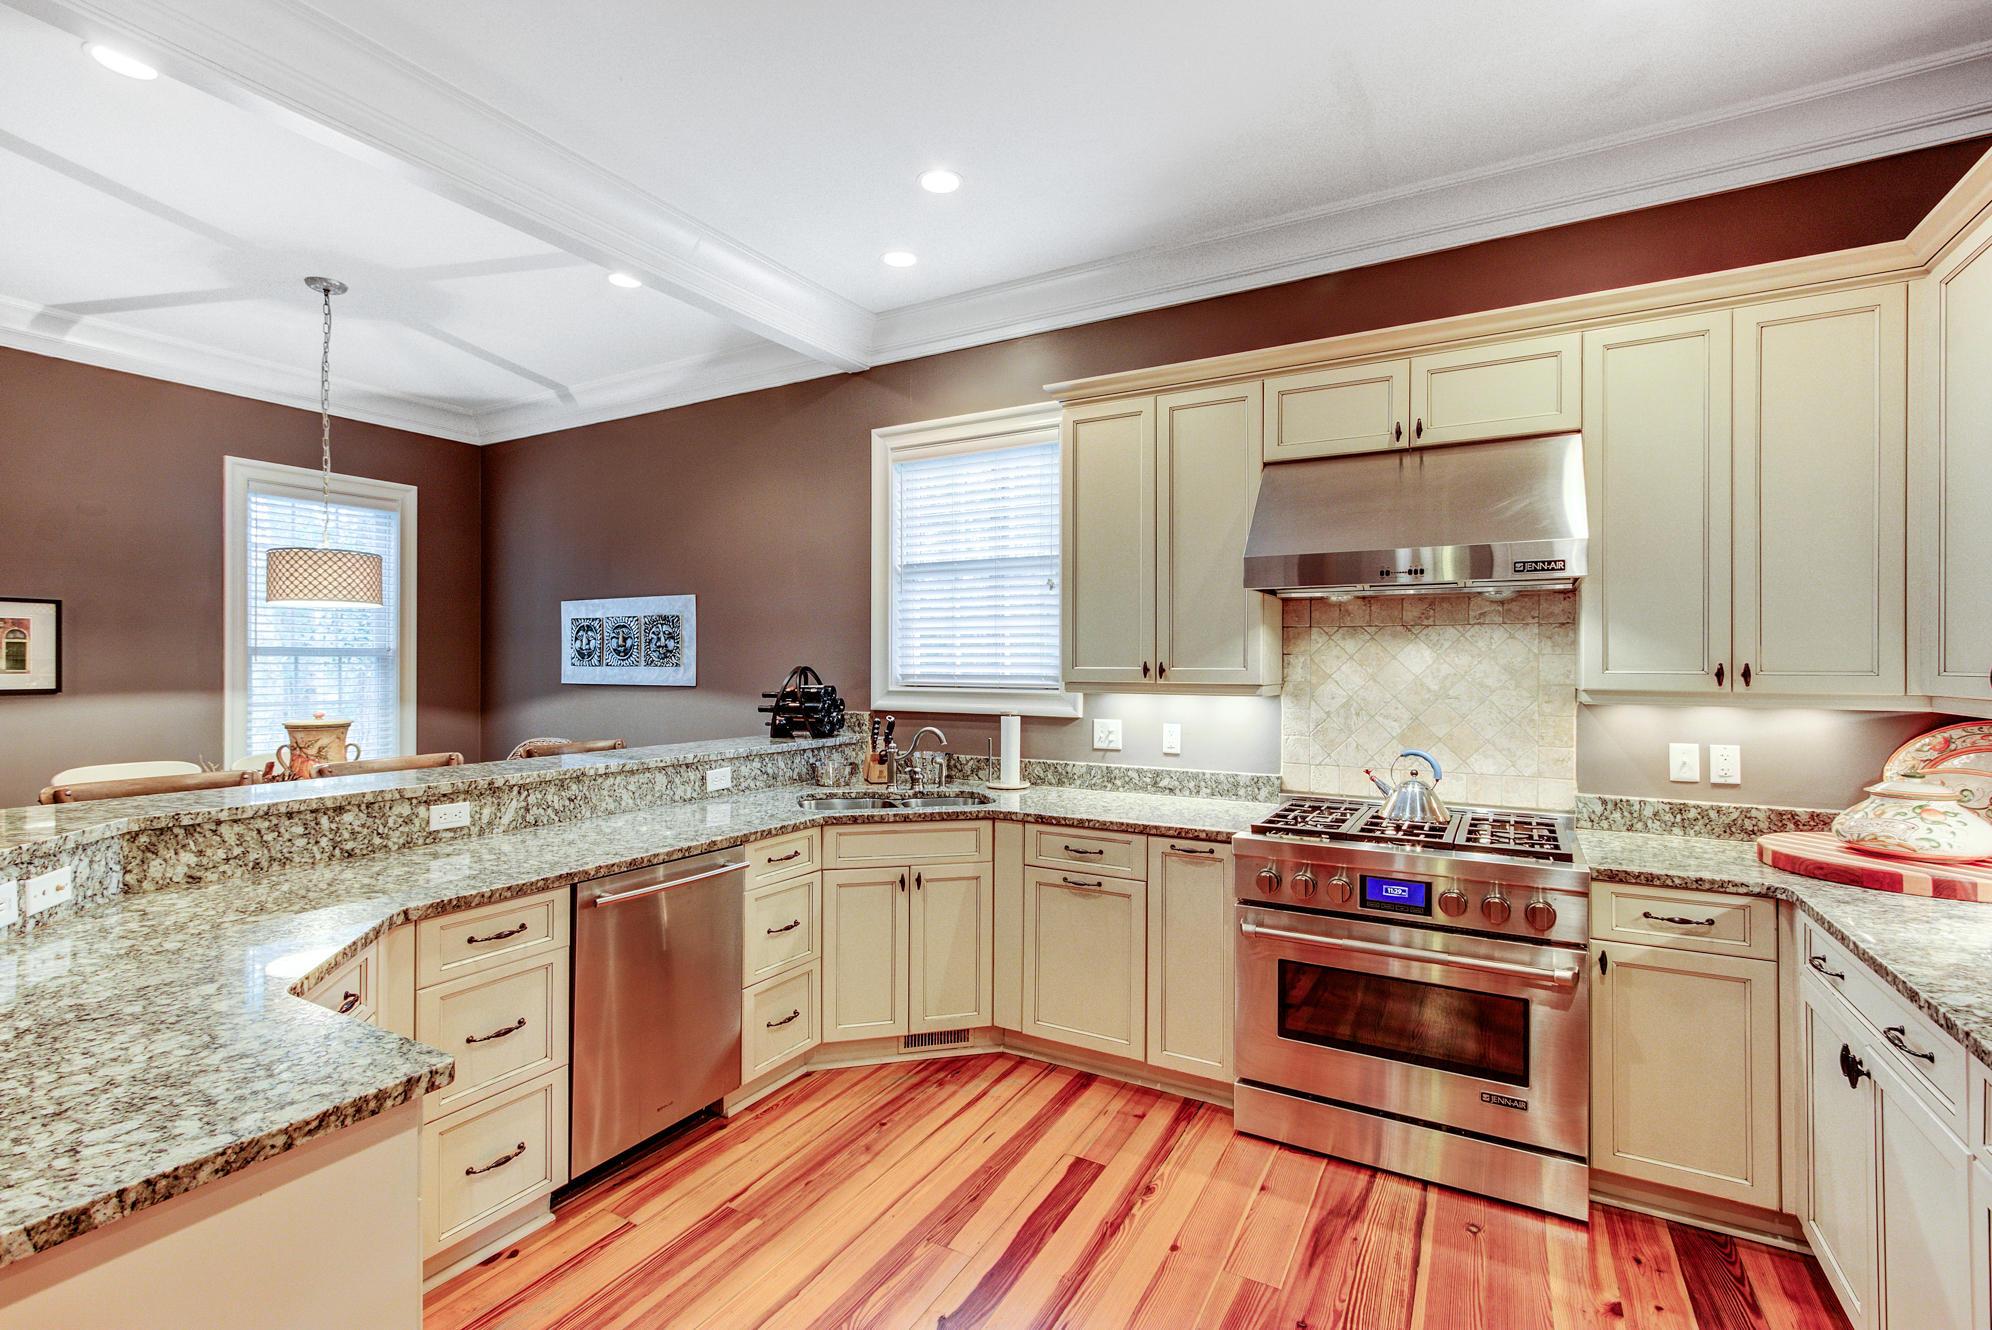 Park West Homes For Sale - 1527 Capel, Mount Pleasant, SC - 4